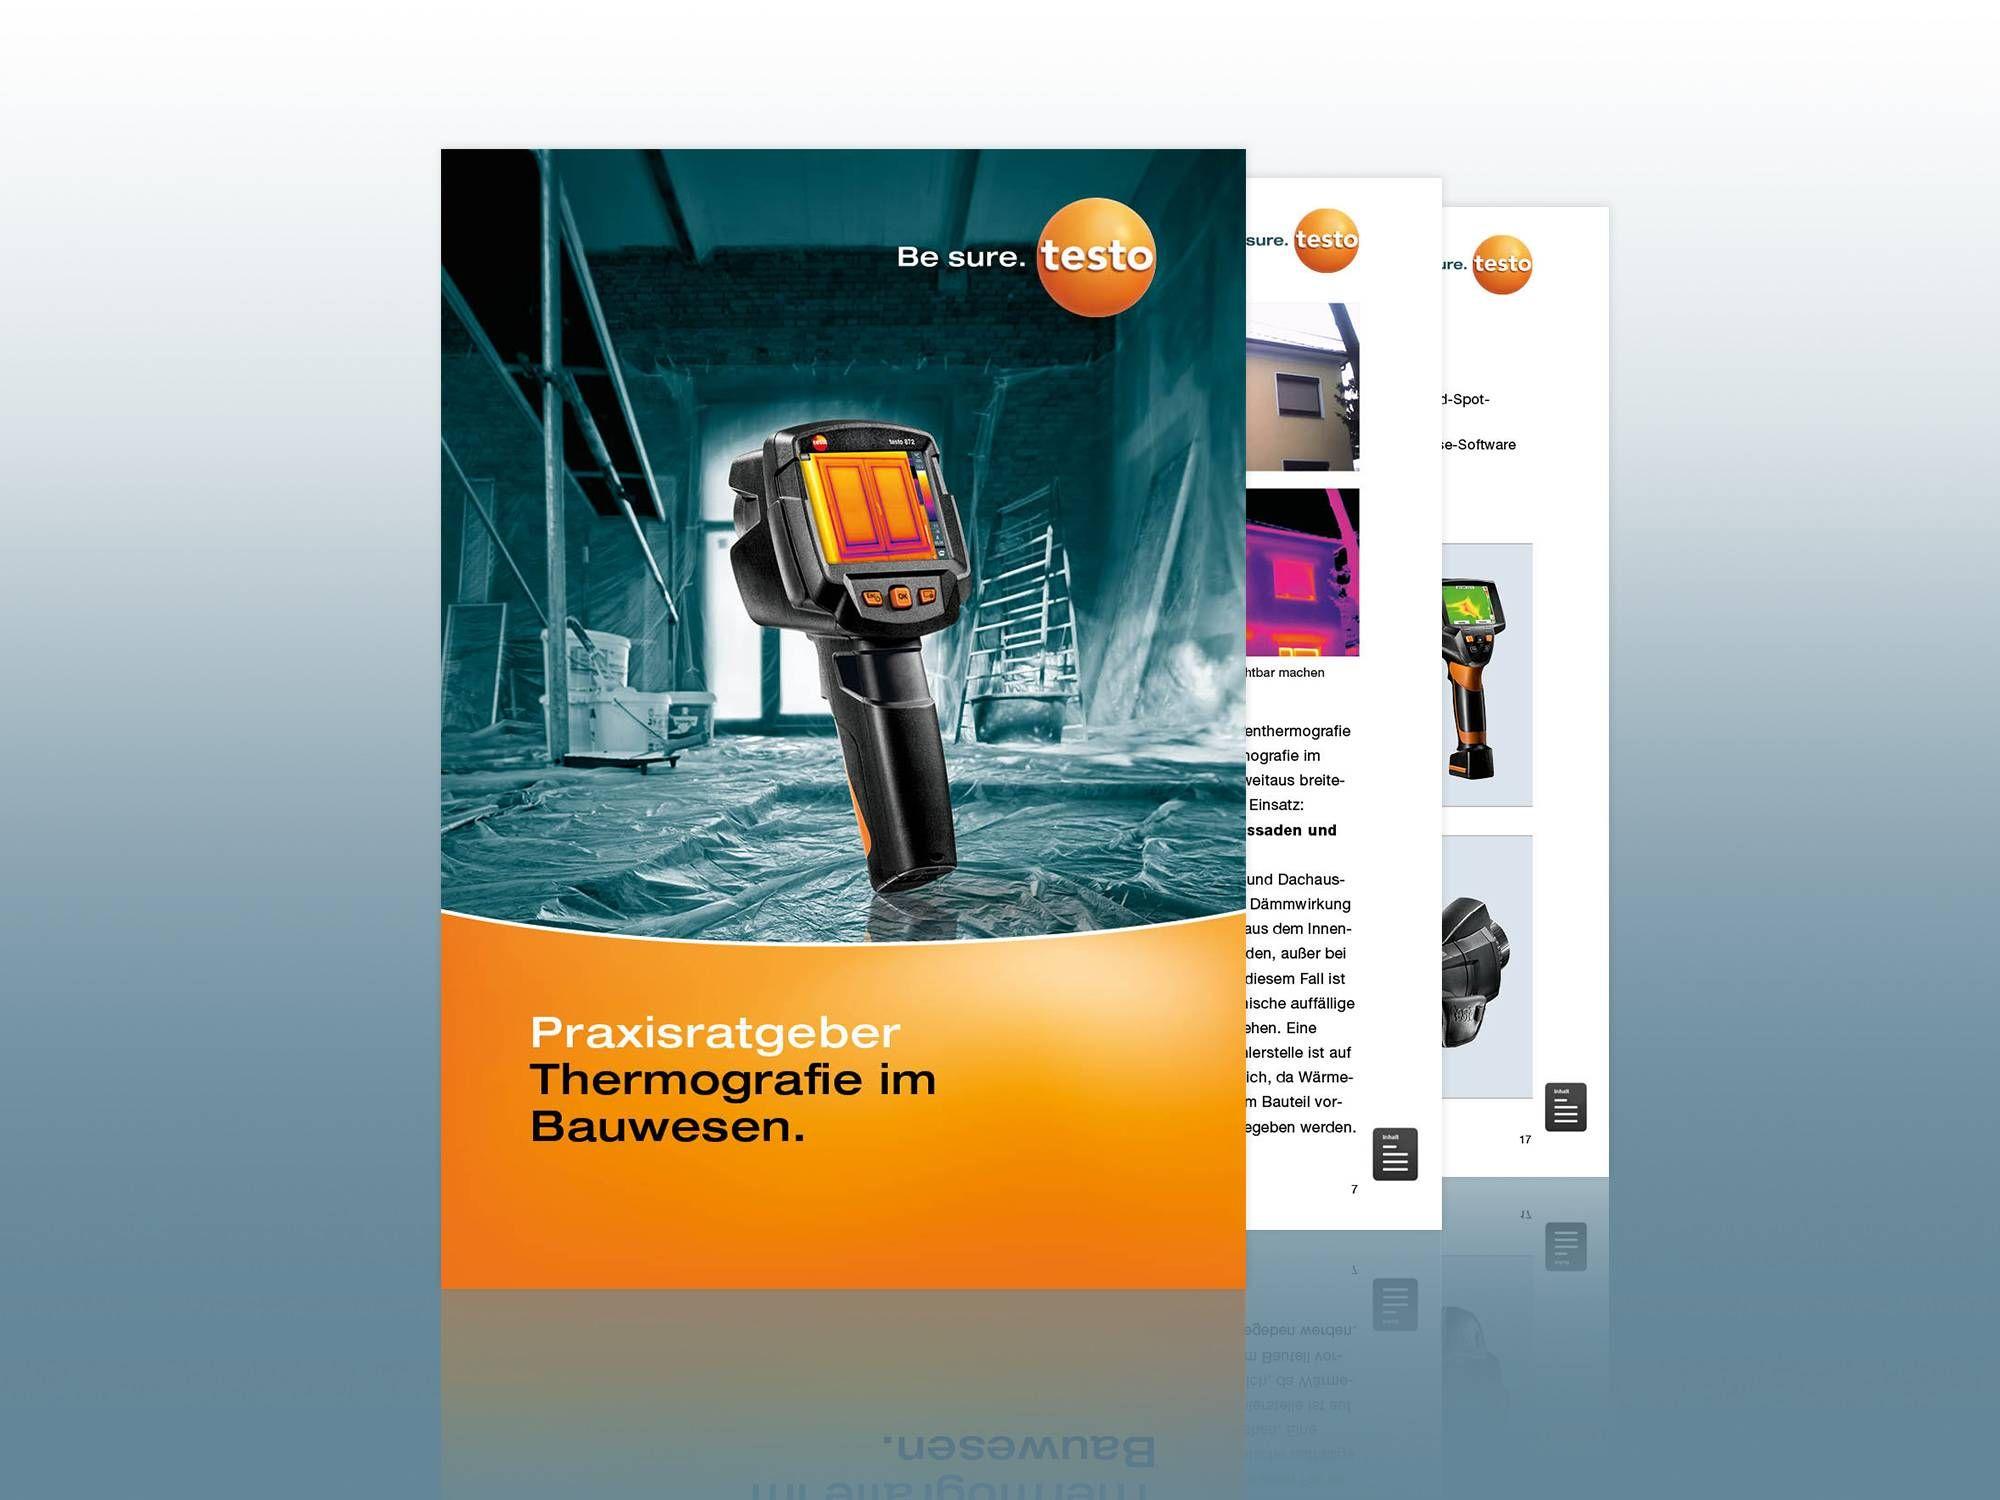 Praxisratgeber Thermografie im Bauwesen